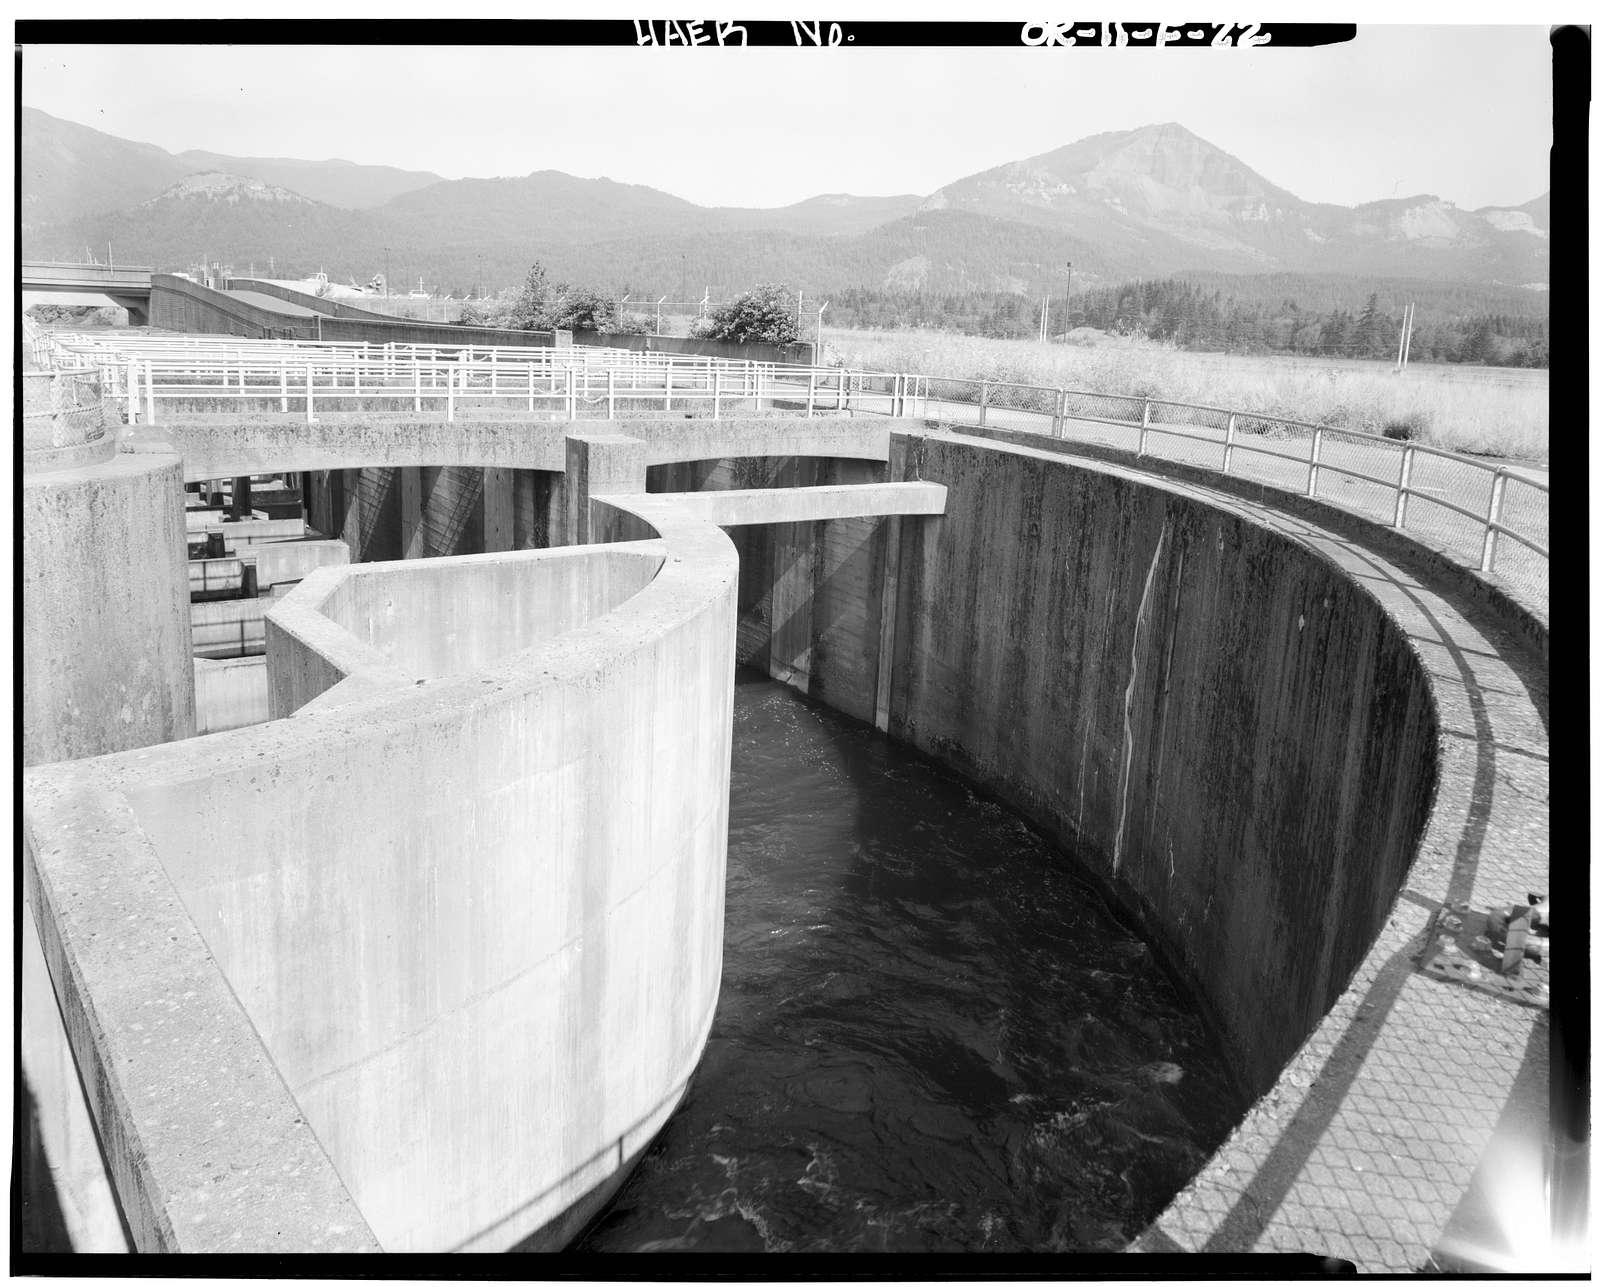 Bonneville Project, Bonneville Dam, Columbia River, Bonneville, Multnomah County, OR